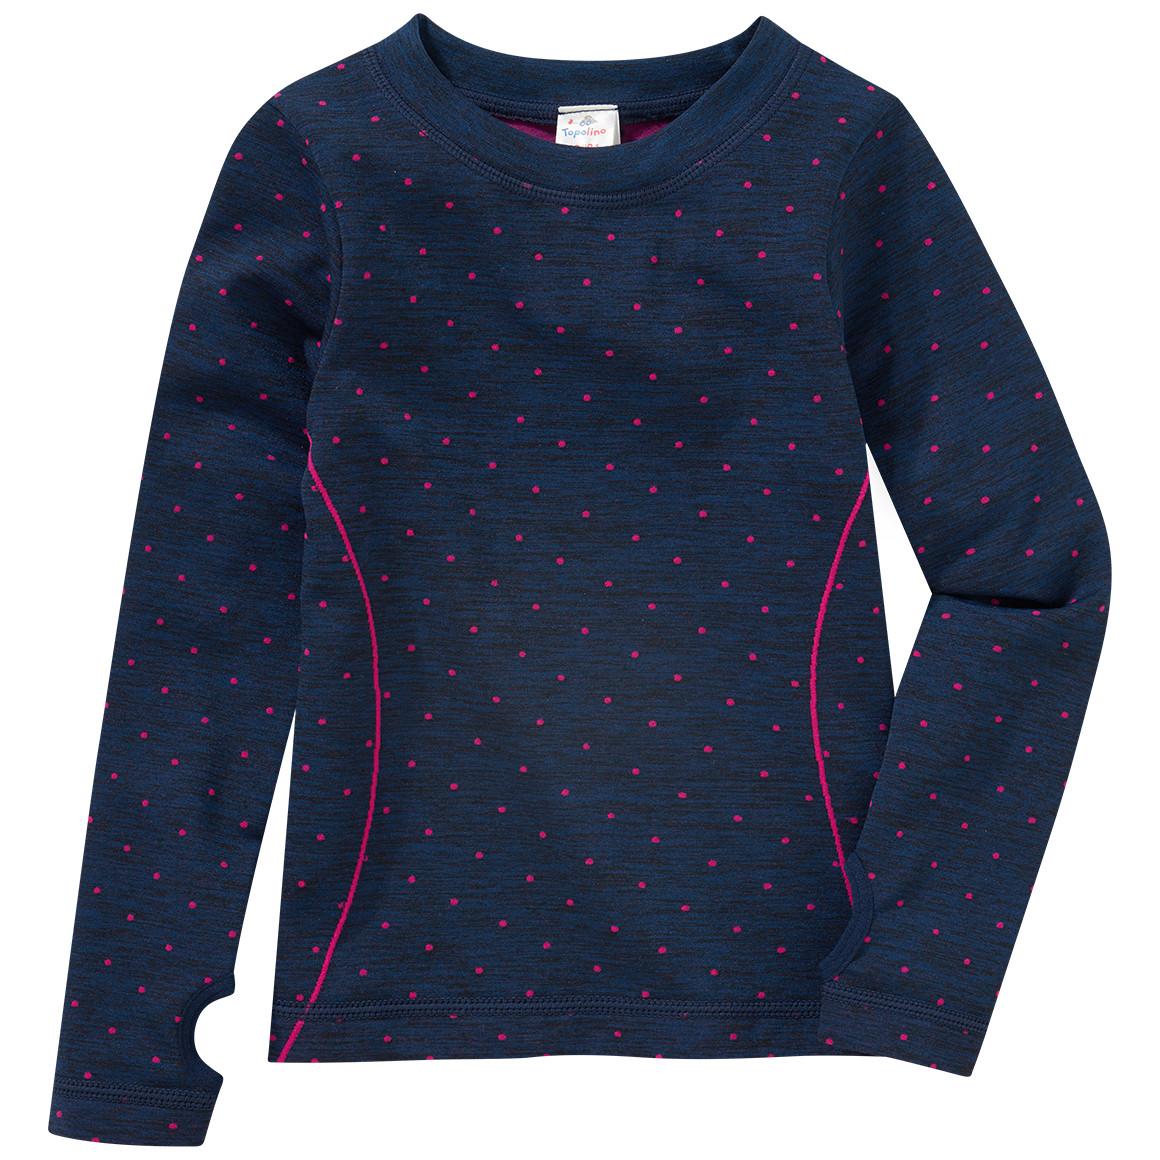 Minigirlwaeschenachtwaesche - Mädchen Sport Unterhemd mit Punkte Allover - Onlineshop Ernstings family